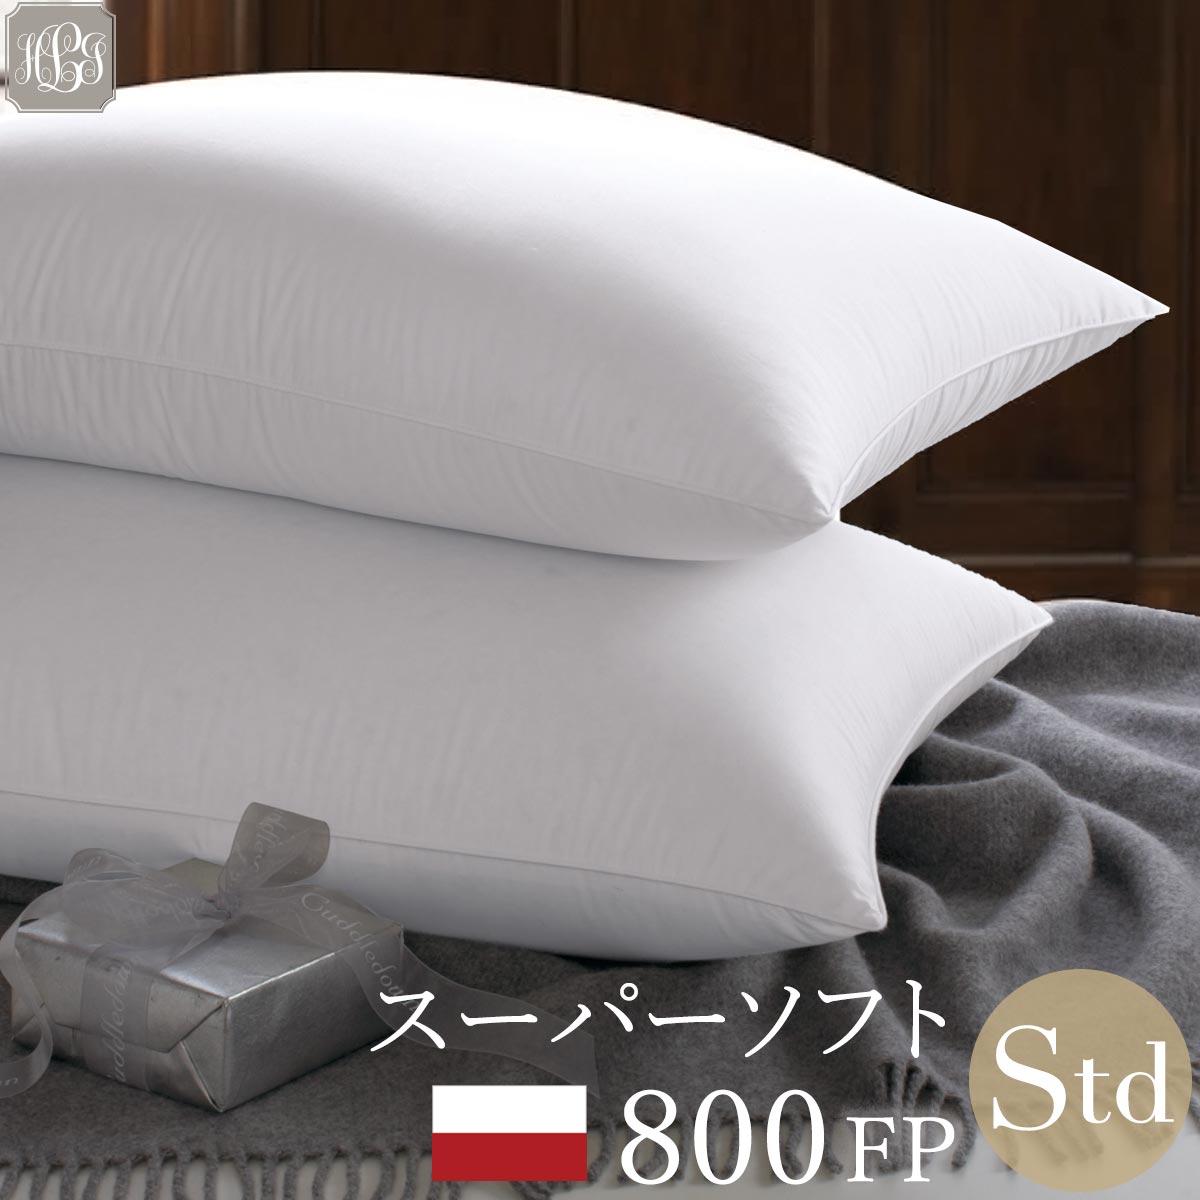 羽毛枕 スタンダード 50cmx66cm スーパーソフト 800フィルパワーポーランド産ホワイトマザーグースダウンピロー 送料無料